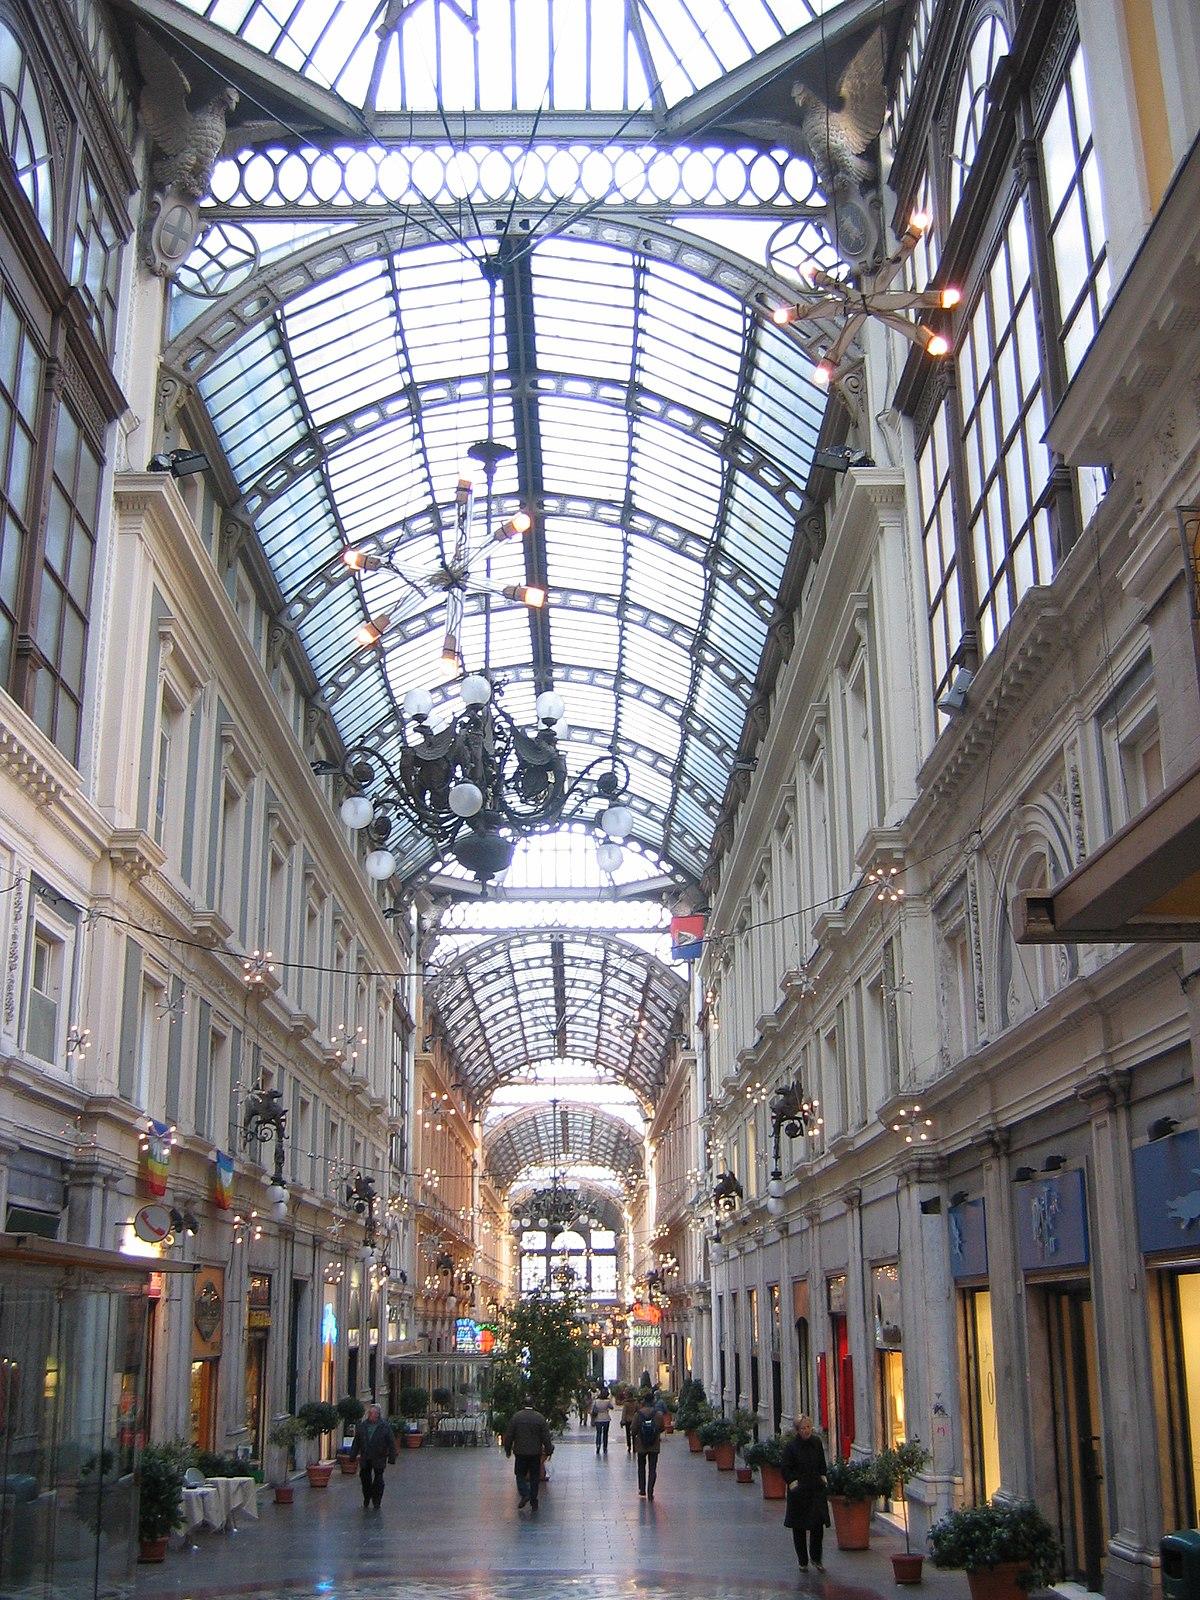 Galleria Mazzini  Wikipedia